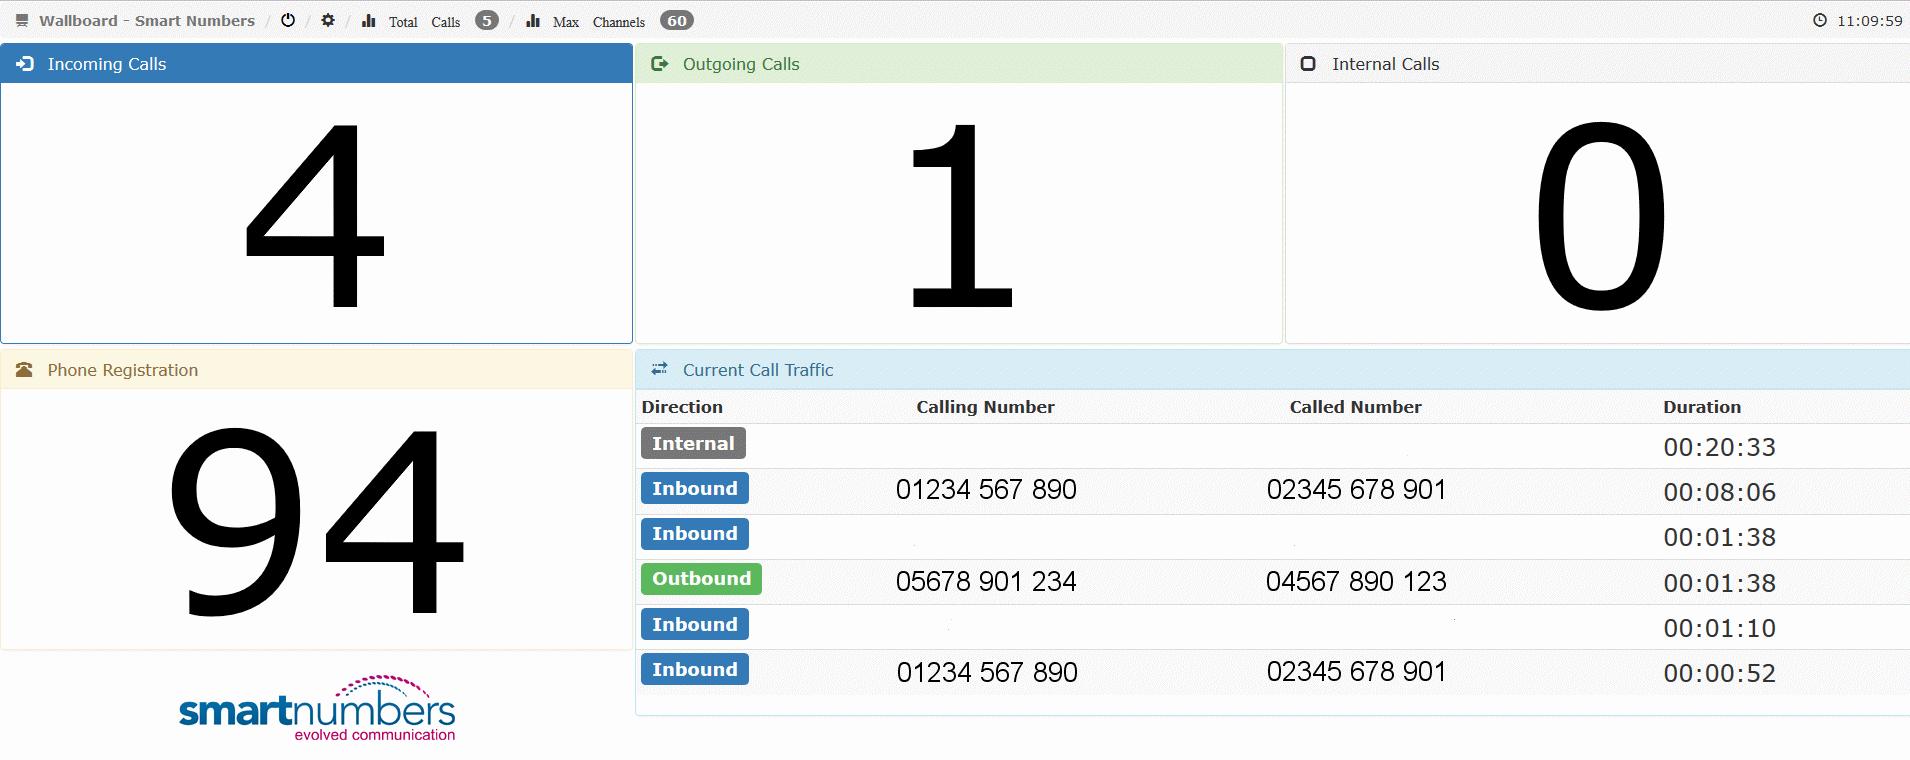 Call Monitoring Wallboards